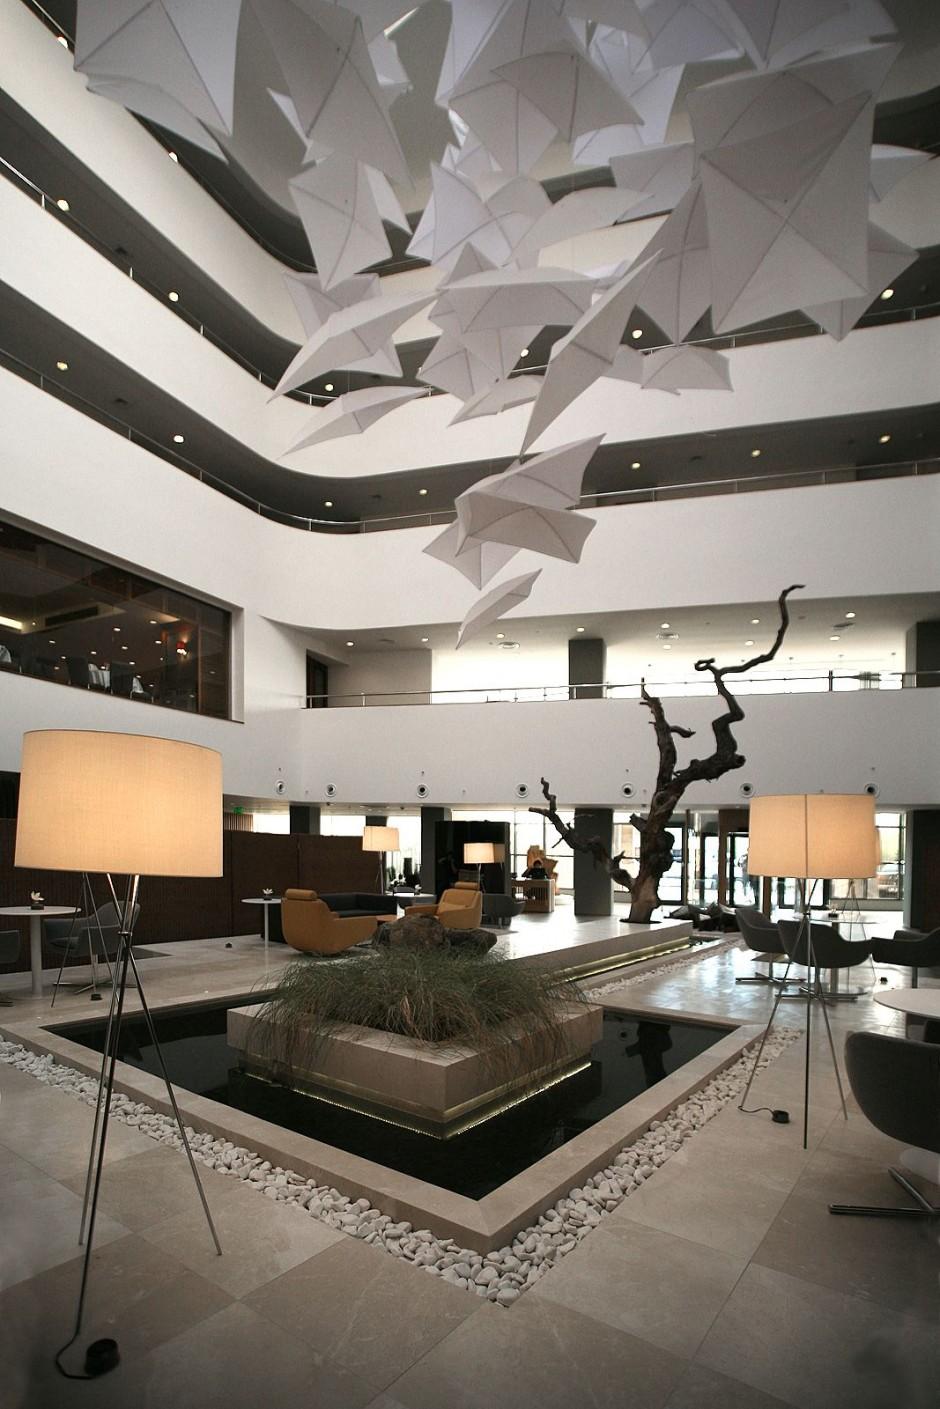 Hogares frescos lobby del hotel radisson por tanju zelgin for Hoteles de diseno en paris